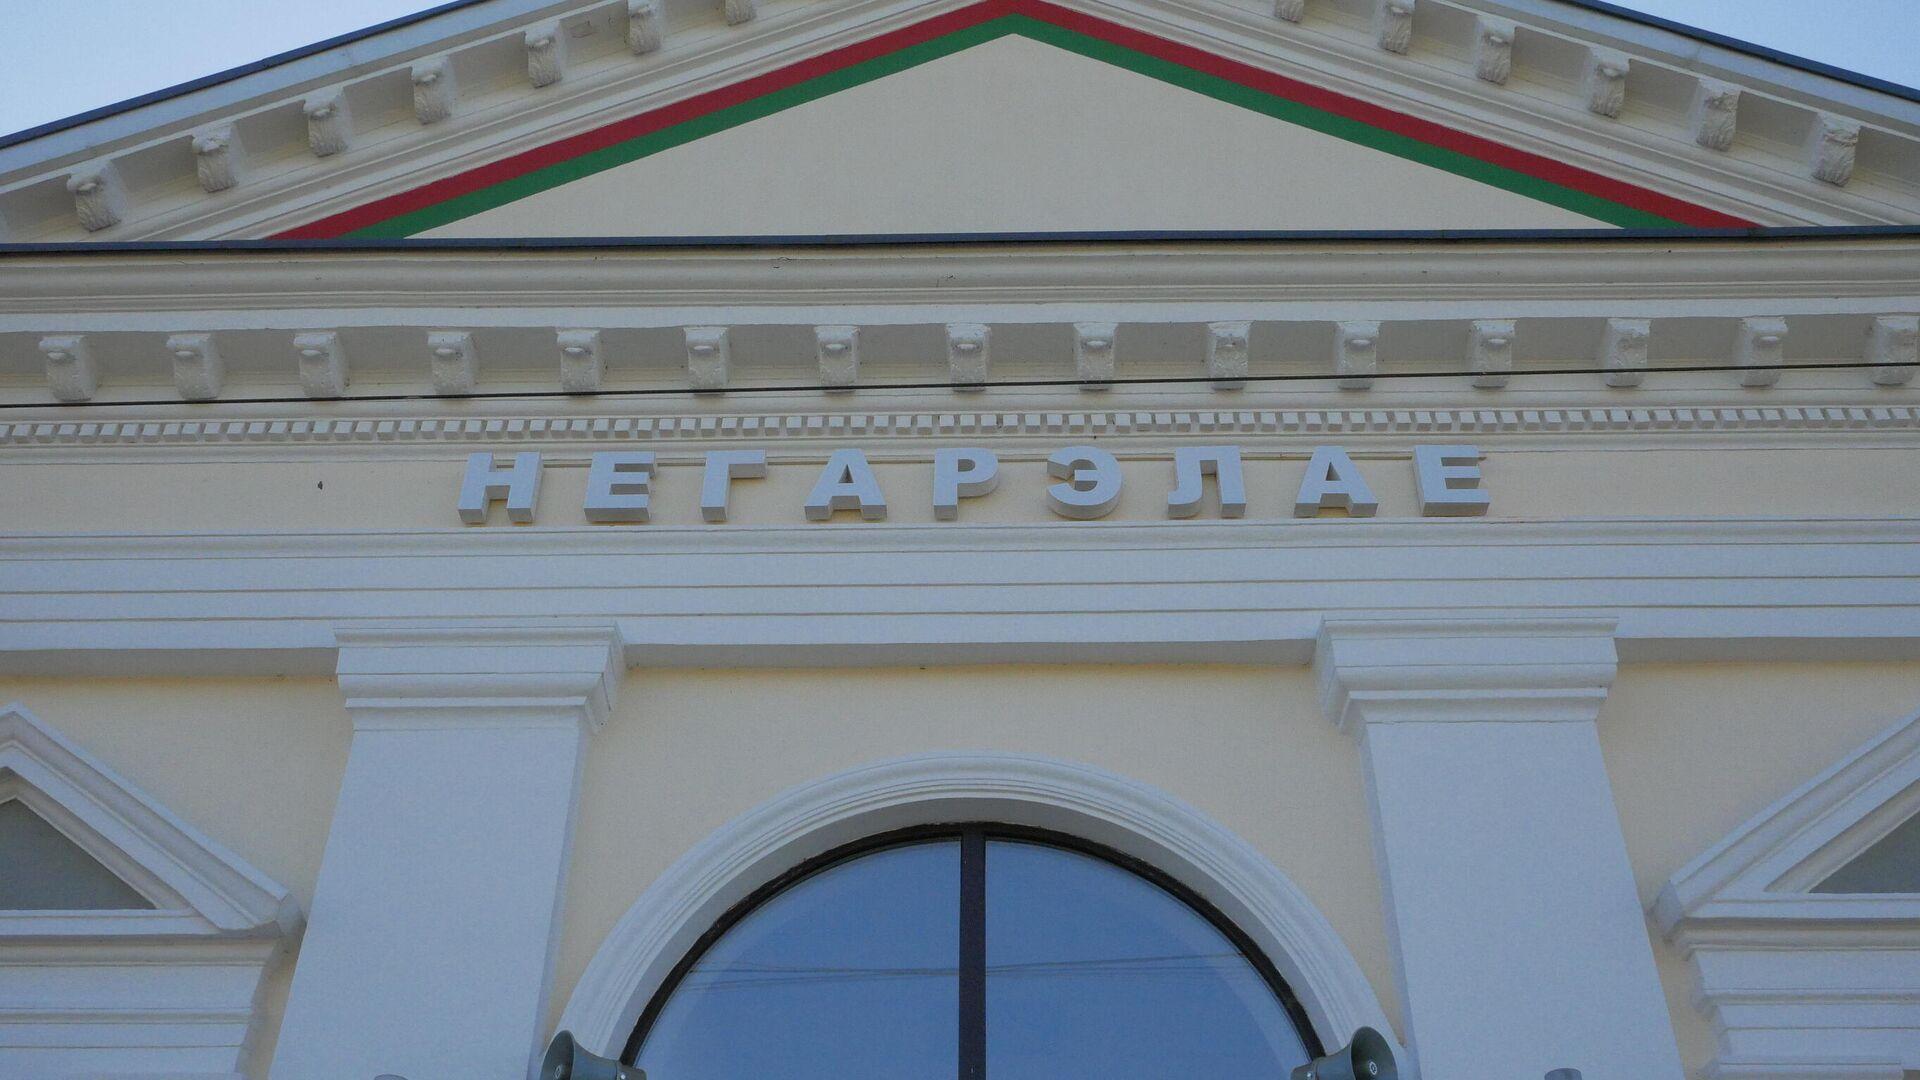 Станцыя Негарэлае - Sputnik Беларусь, 1920, 17.09.2021